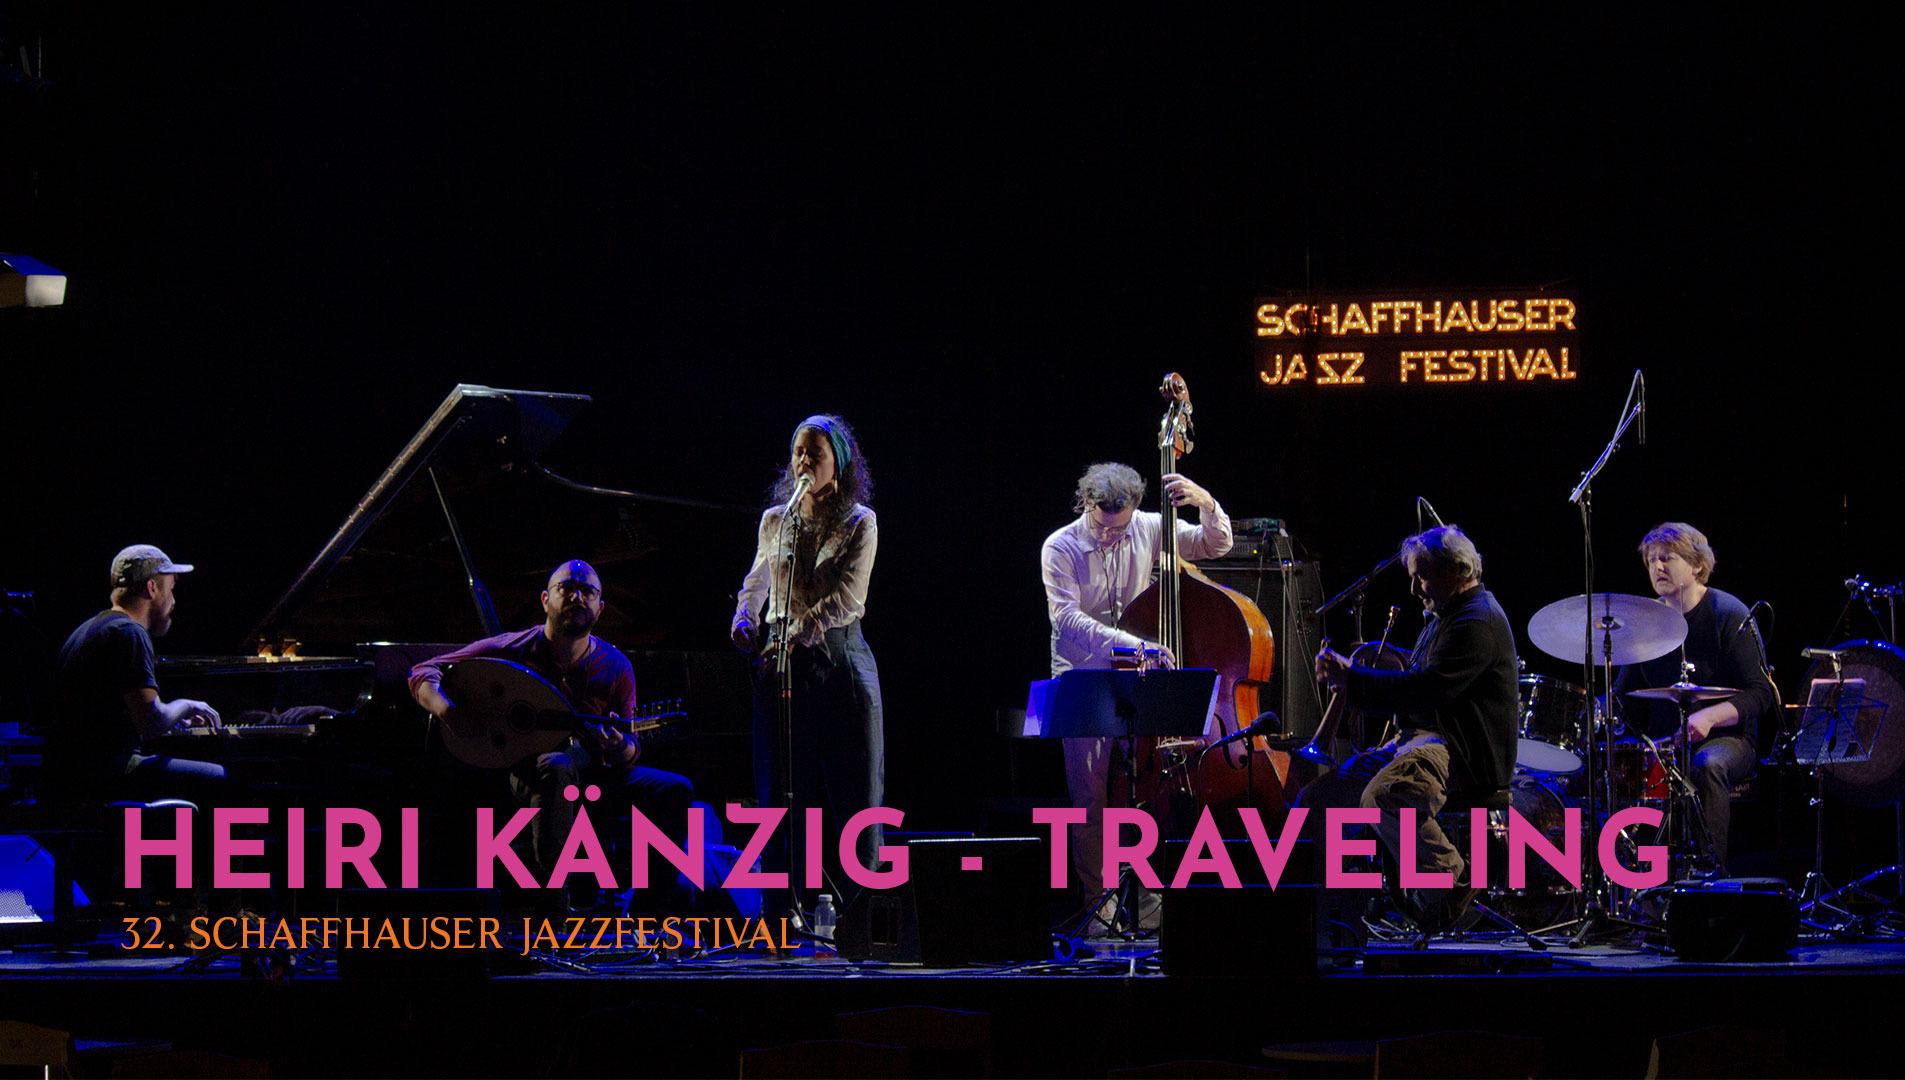 Heiri Känzig - Traveling